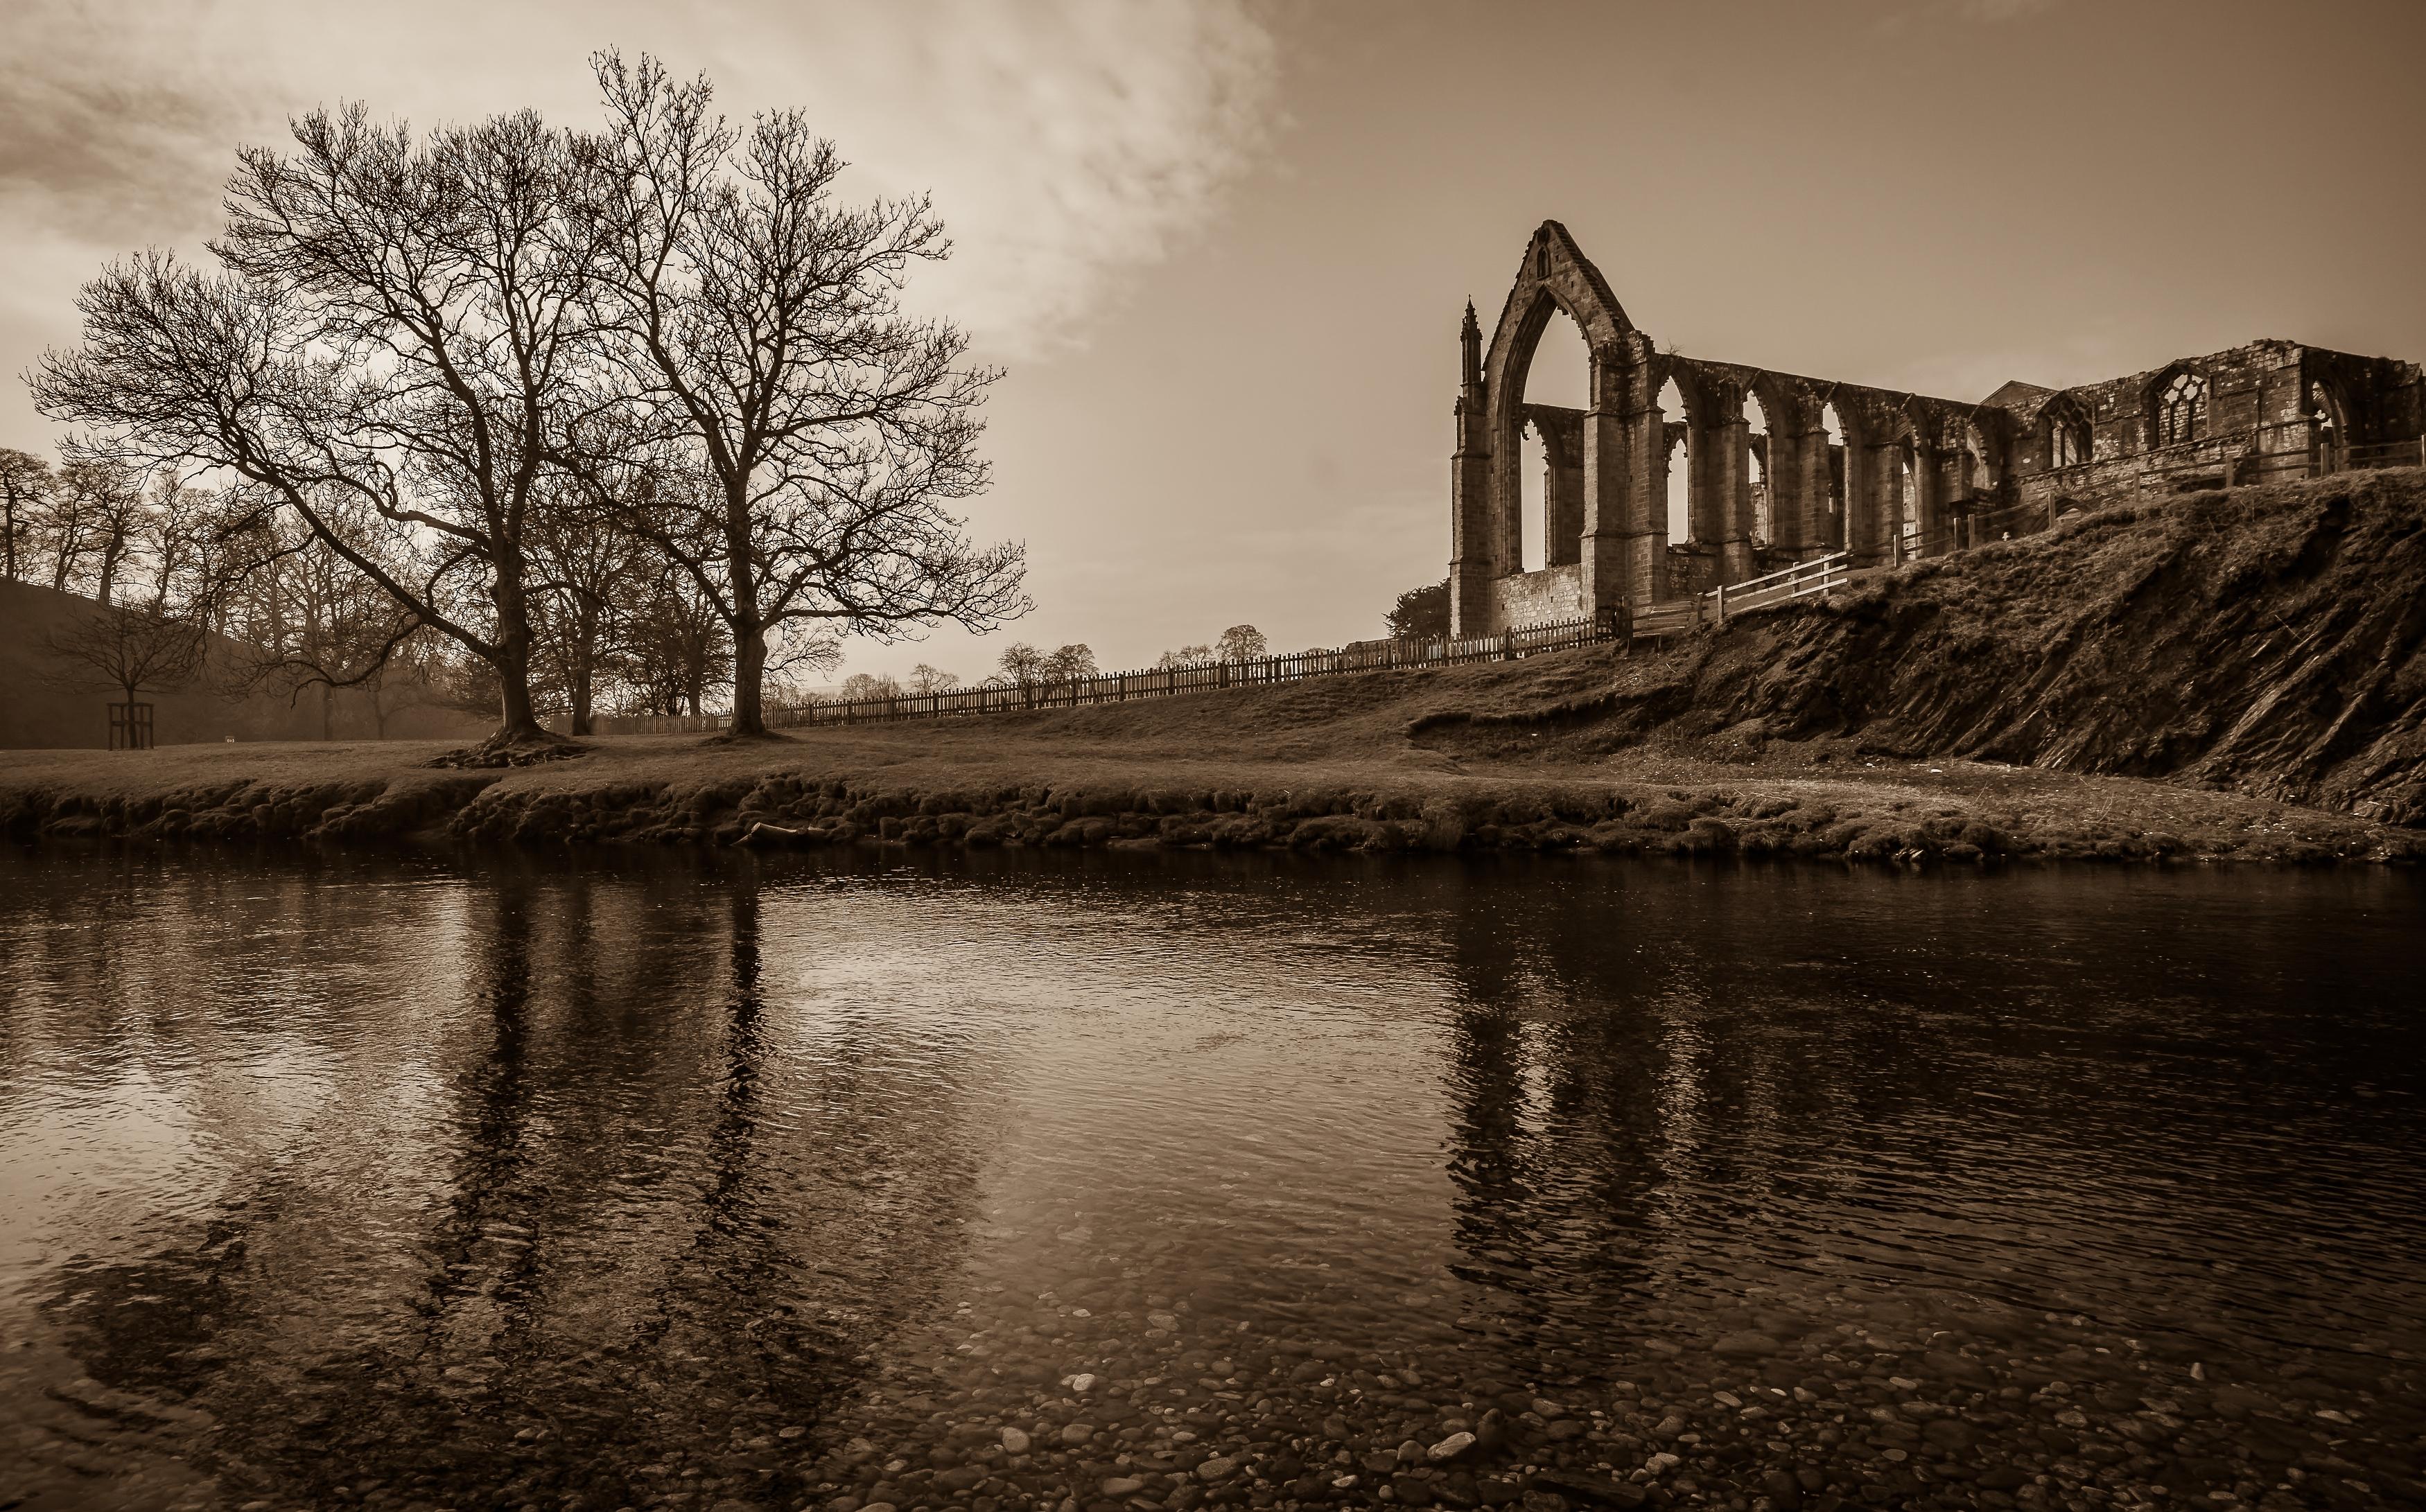 Bolton Abbey in Sepia